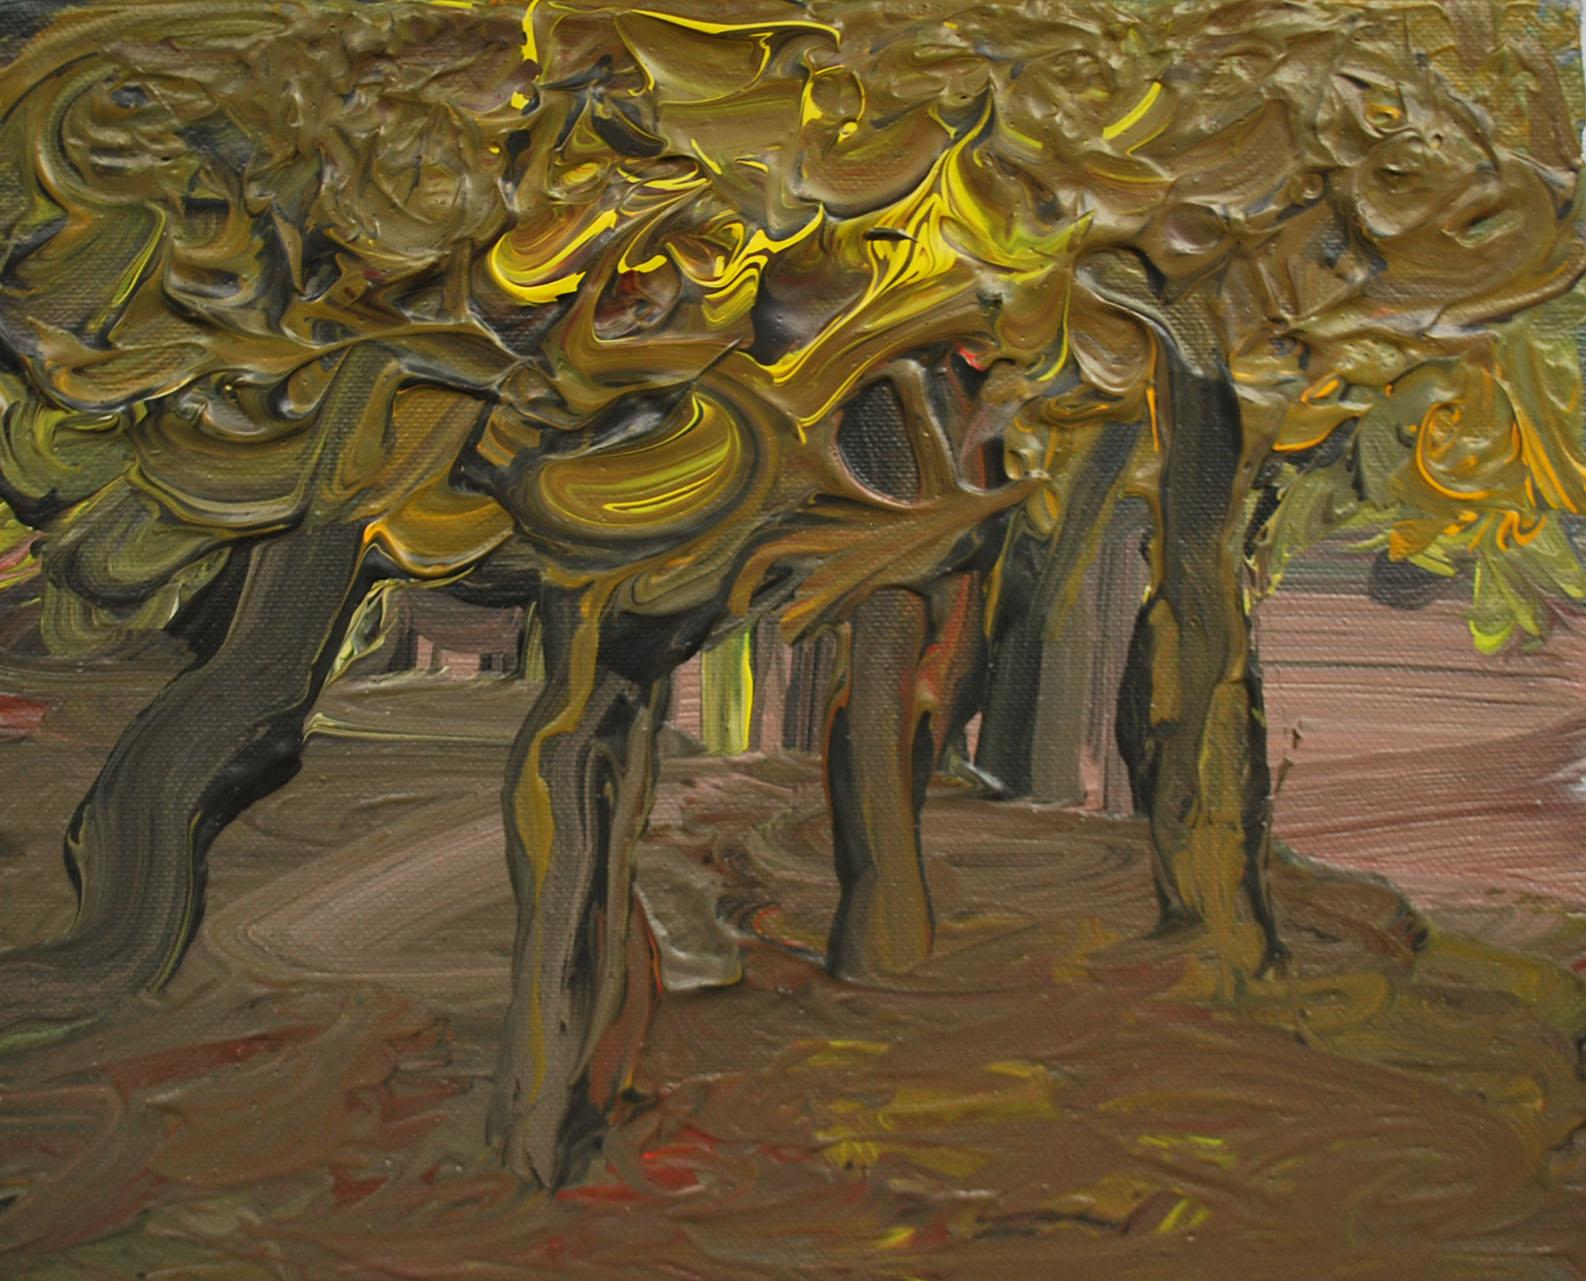 sans-titre-7-2012-technique-mixte-sur-toile-200x170-cm